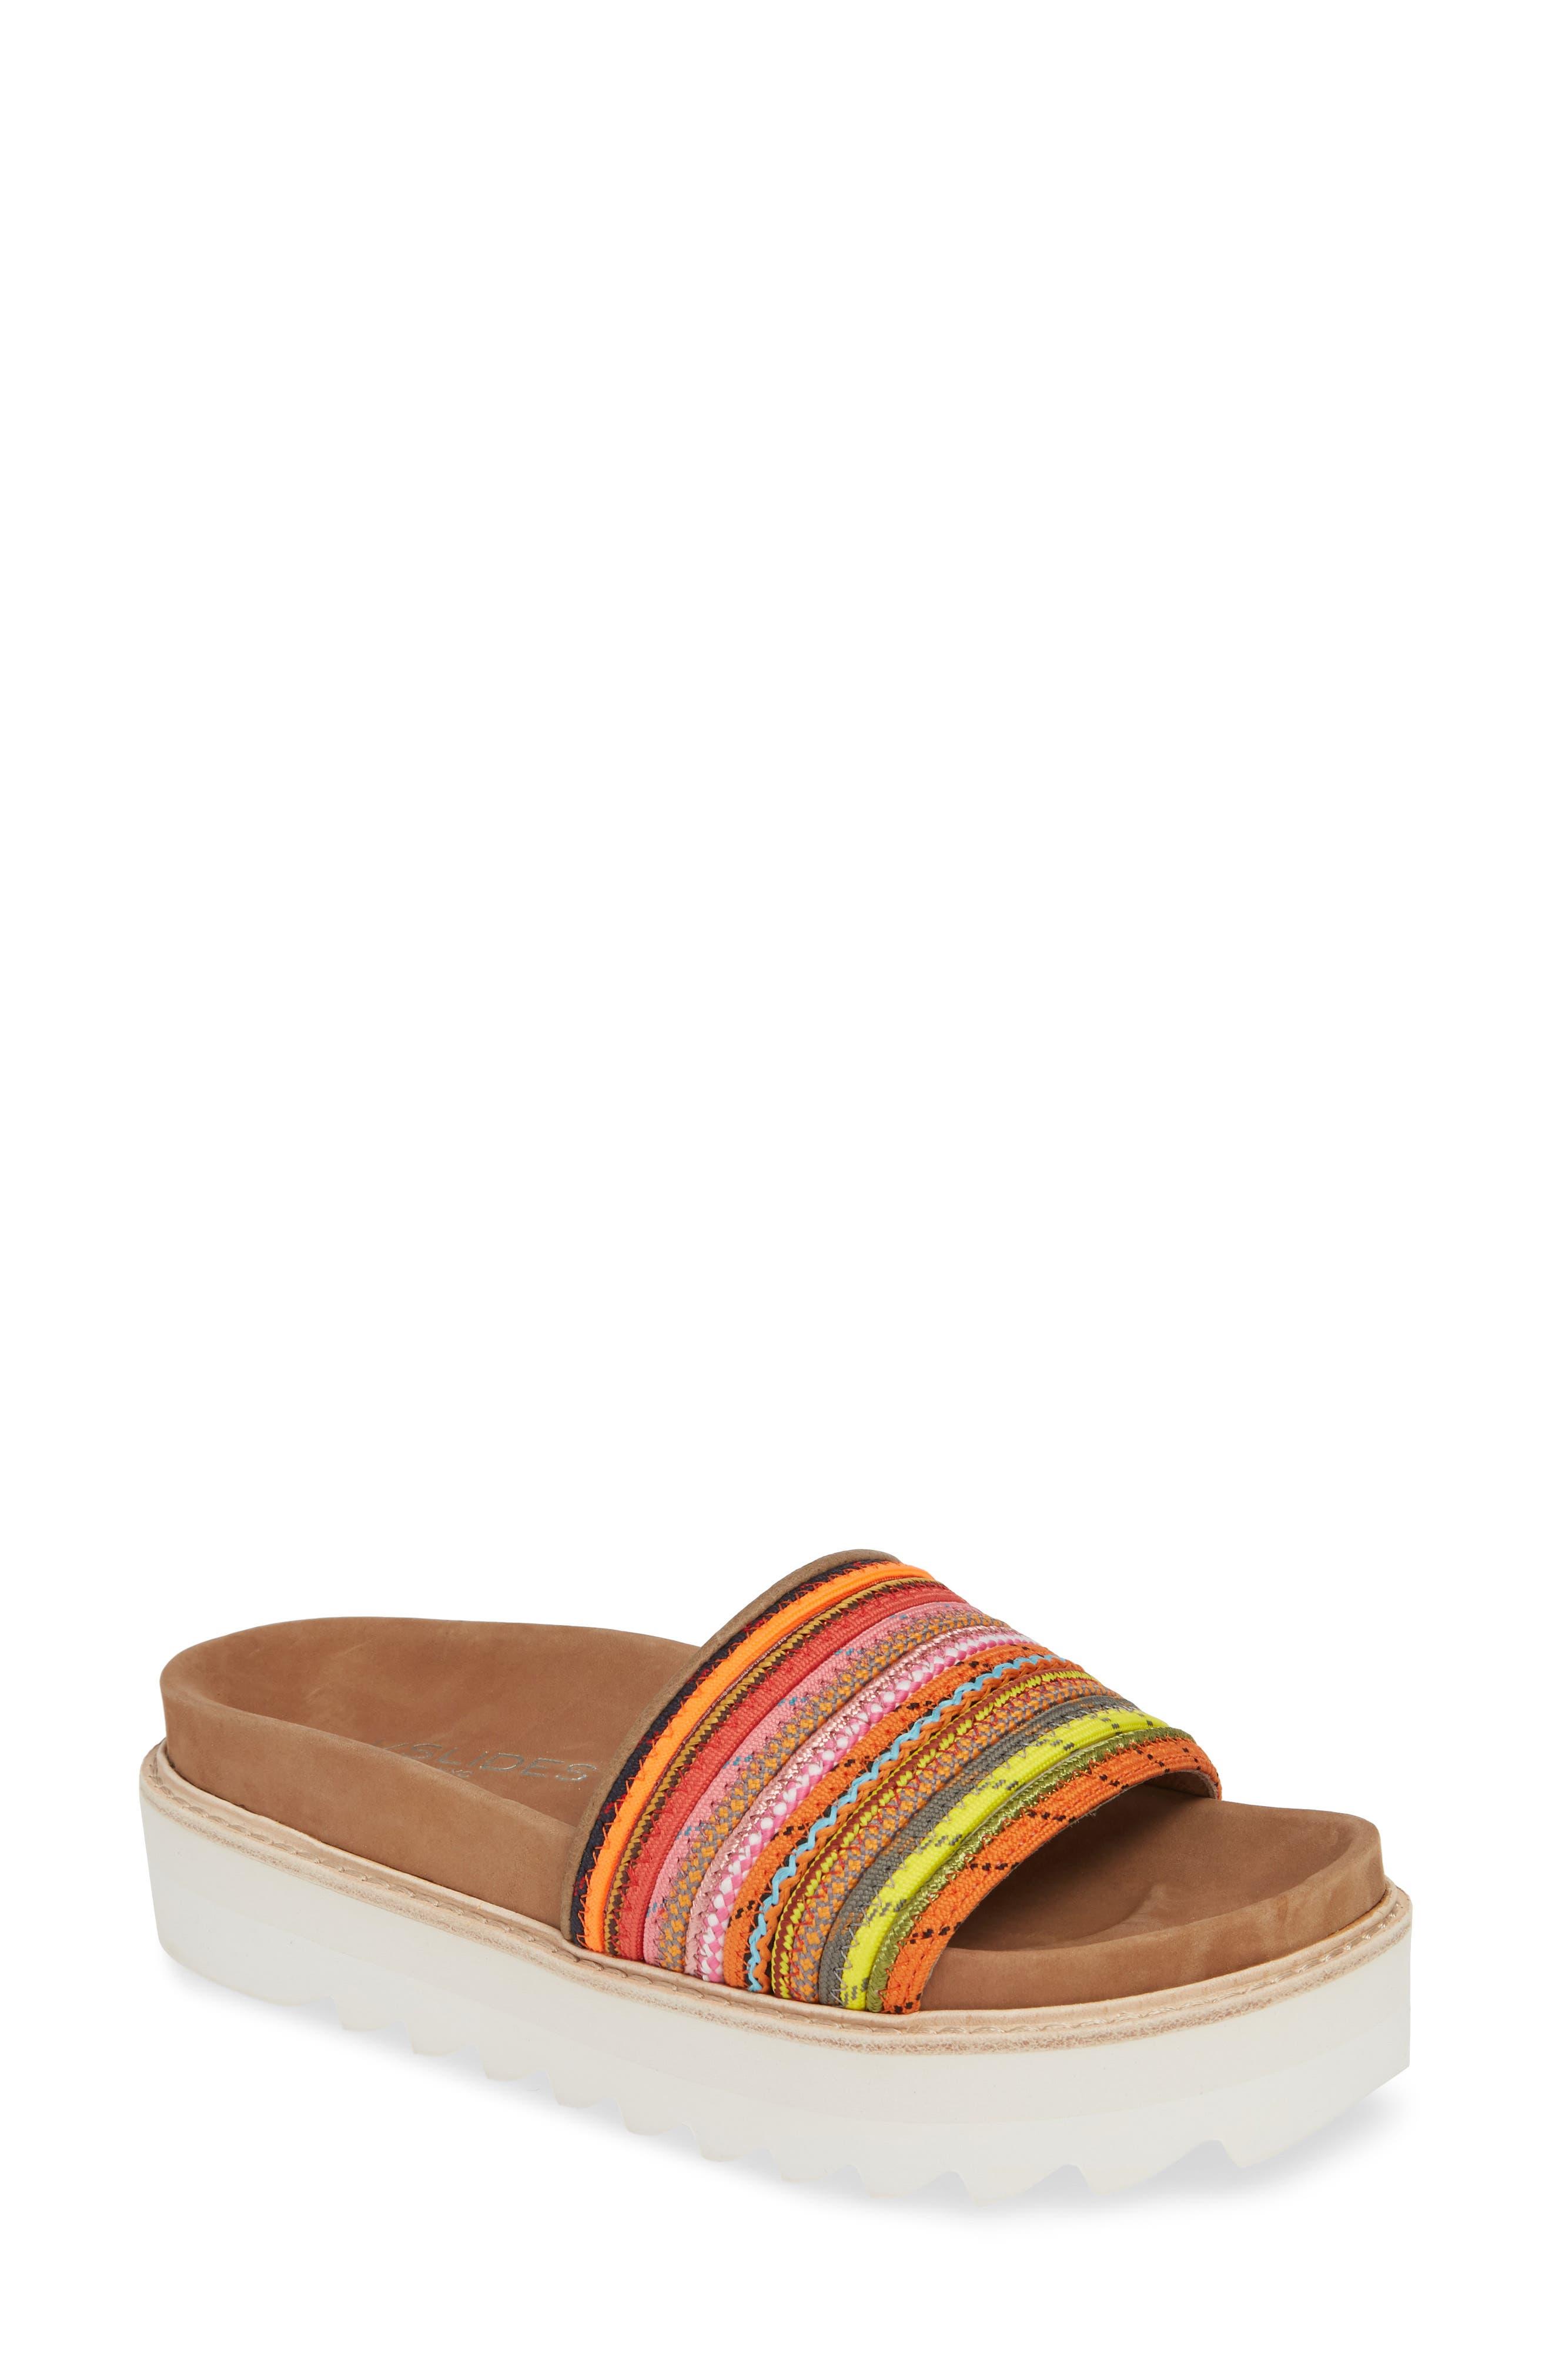 Jslides Lizzy Platform Slide Sandal, Pink